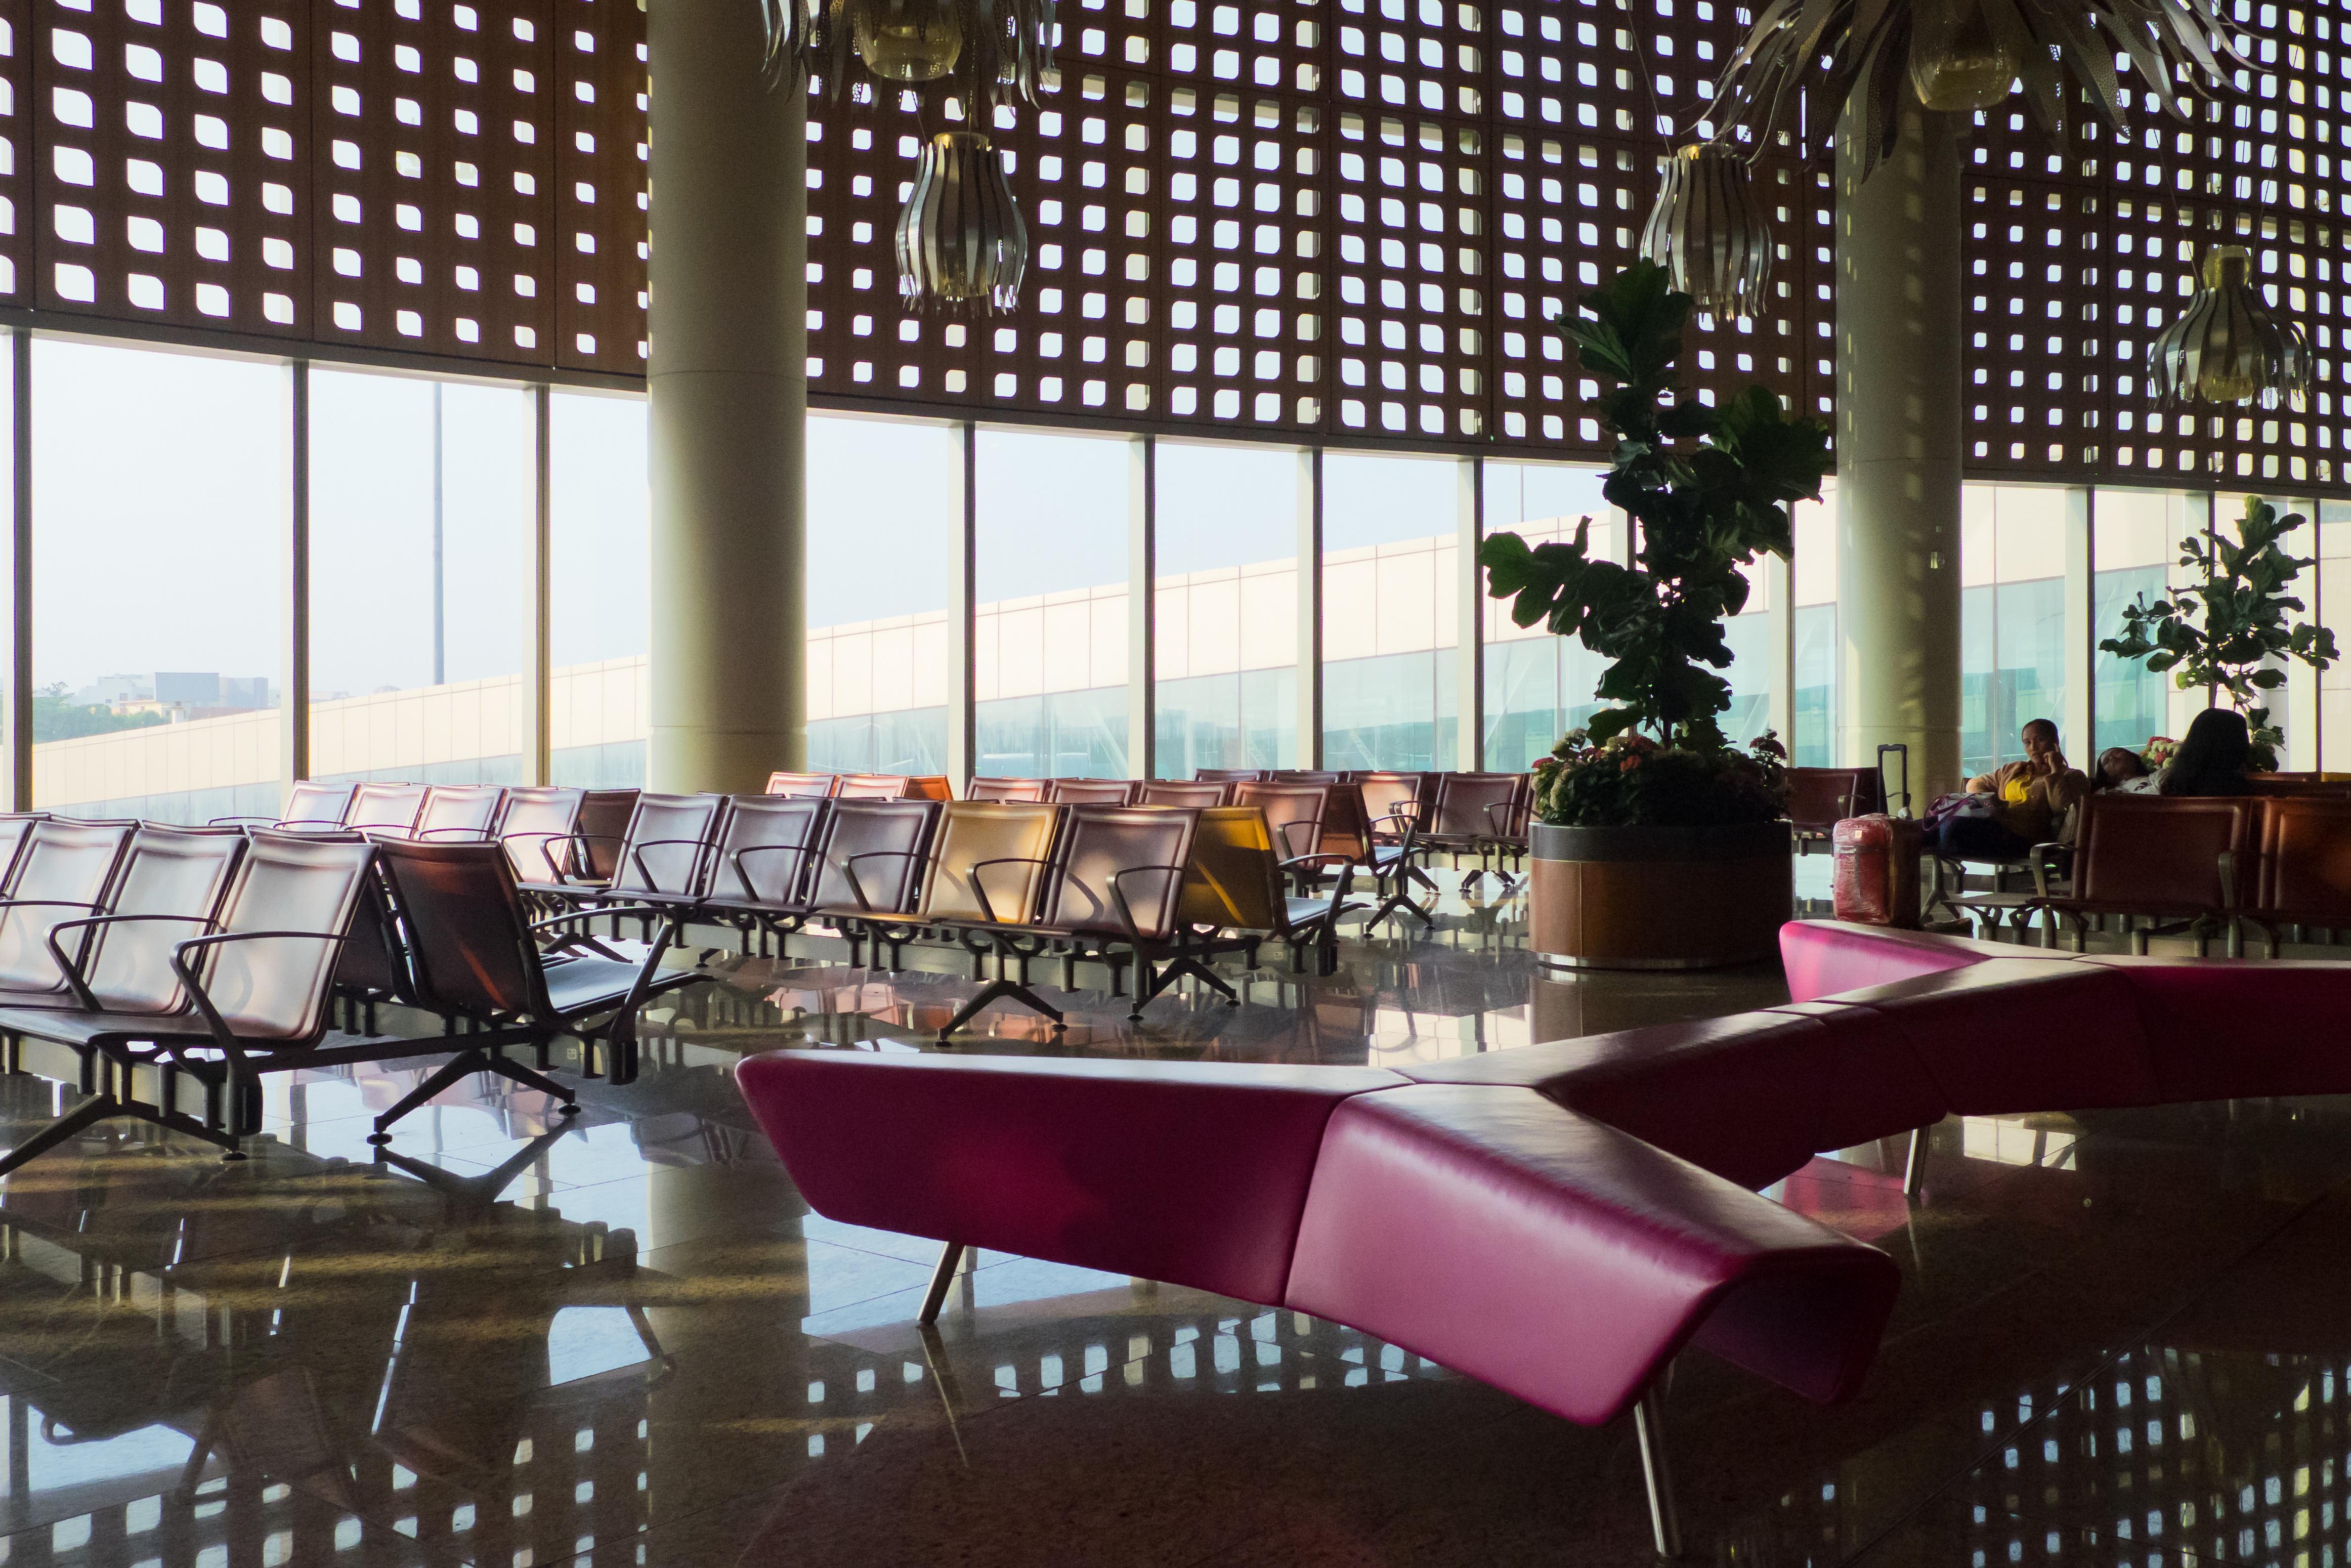 Kostenlose foto : Restaurant, Flughafen, Bar, Mahlzeit, Plaza ...